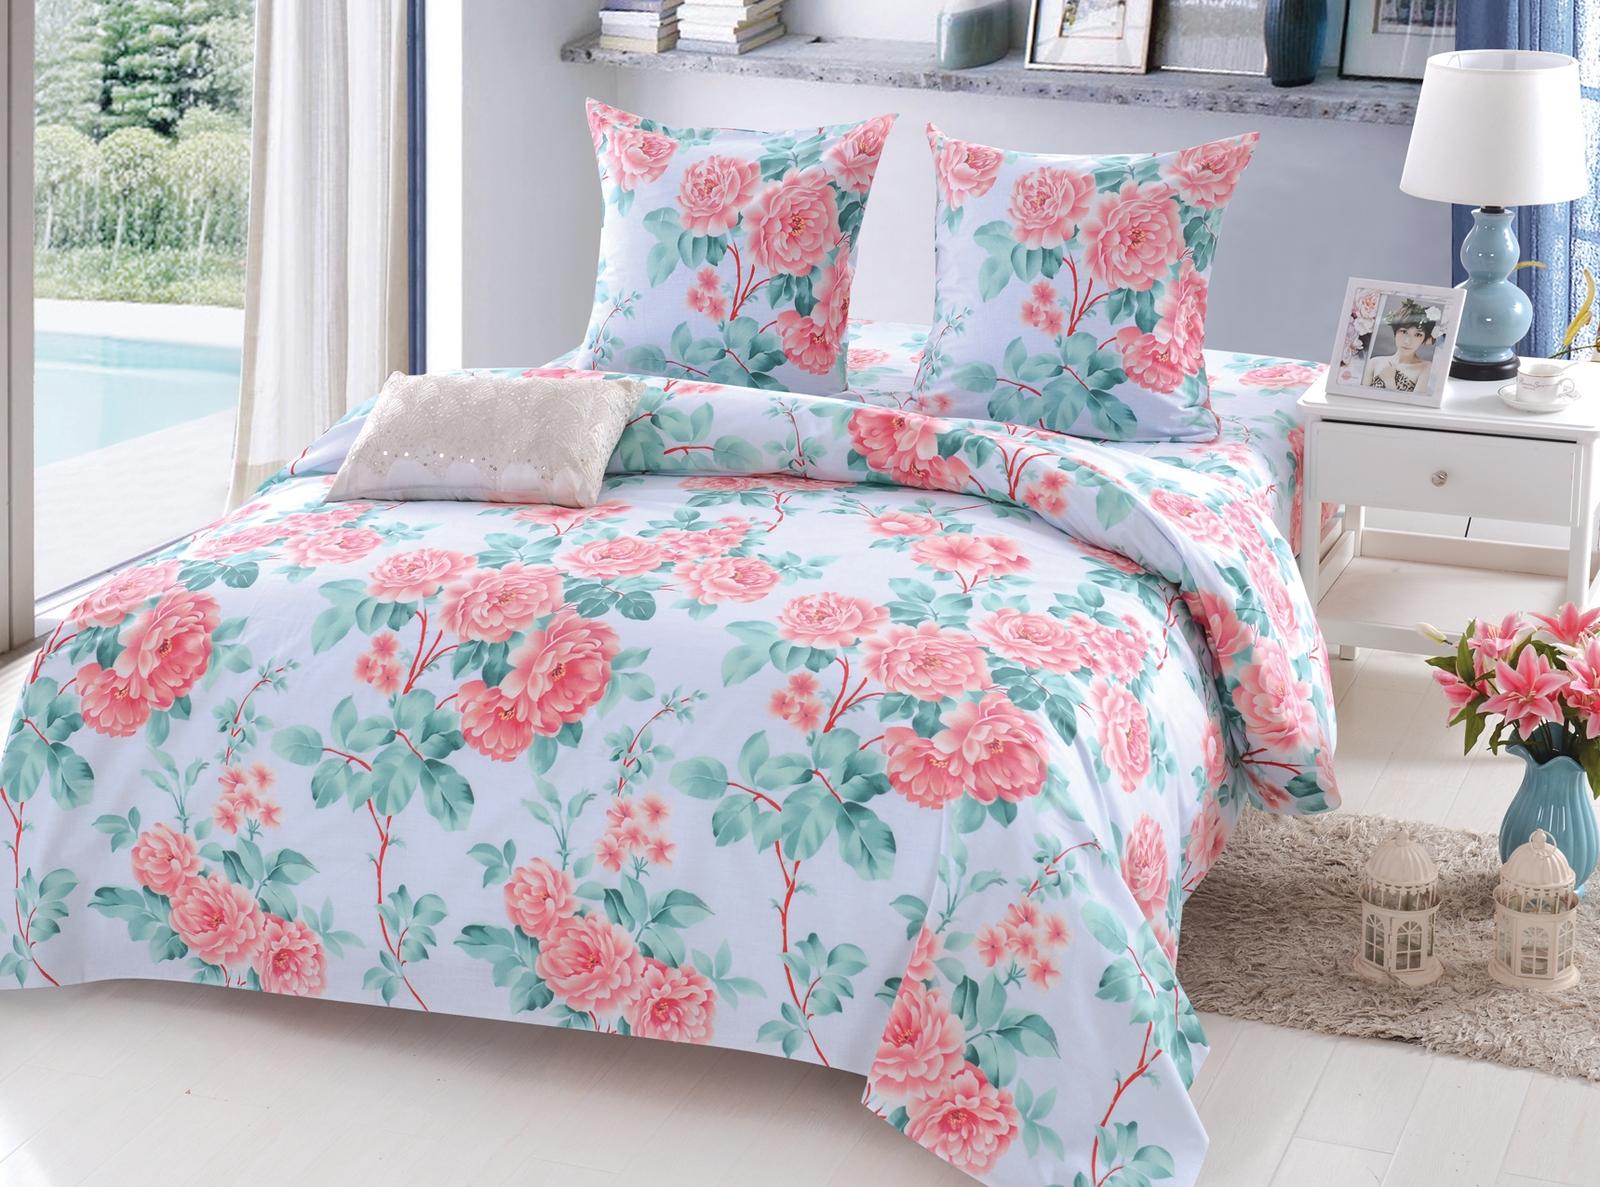 Комплект белья Amore Mio Belinda, 2-х спальный, цвет: голубой, розовый, зеленый. 11701170Постельное белье Amore Mio из поплина - это оригинальные дизайны и отменное качество. Поплин ткань натуральная, а следовательно прекрасно вентилируется. На ощупь - это нечто среднее между сатином и бязью. Ткань плотная, но при этом мягкая. Постельные комплекты ТМ Amore Mio добавят тепла и уюта в интерьер любой спальни.